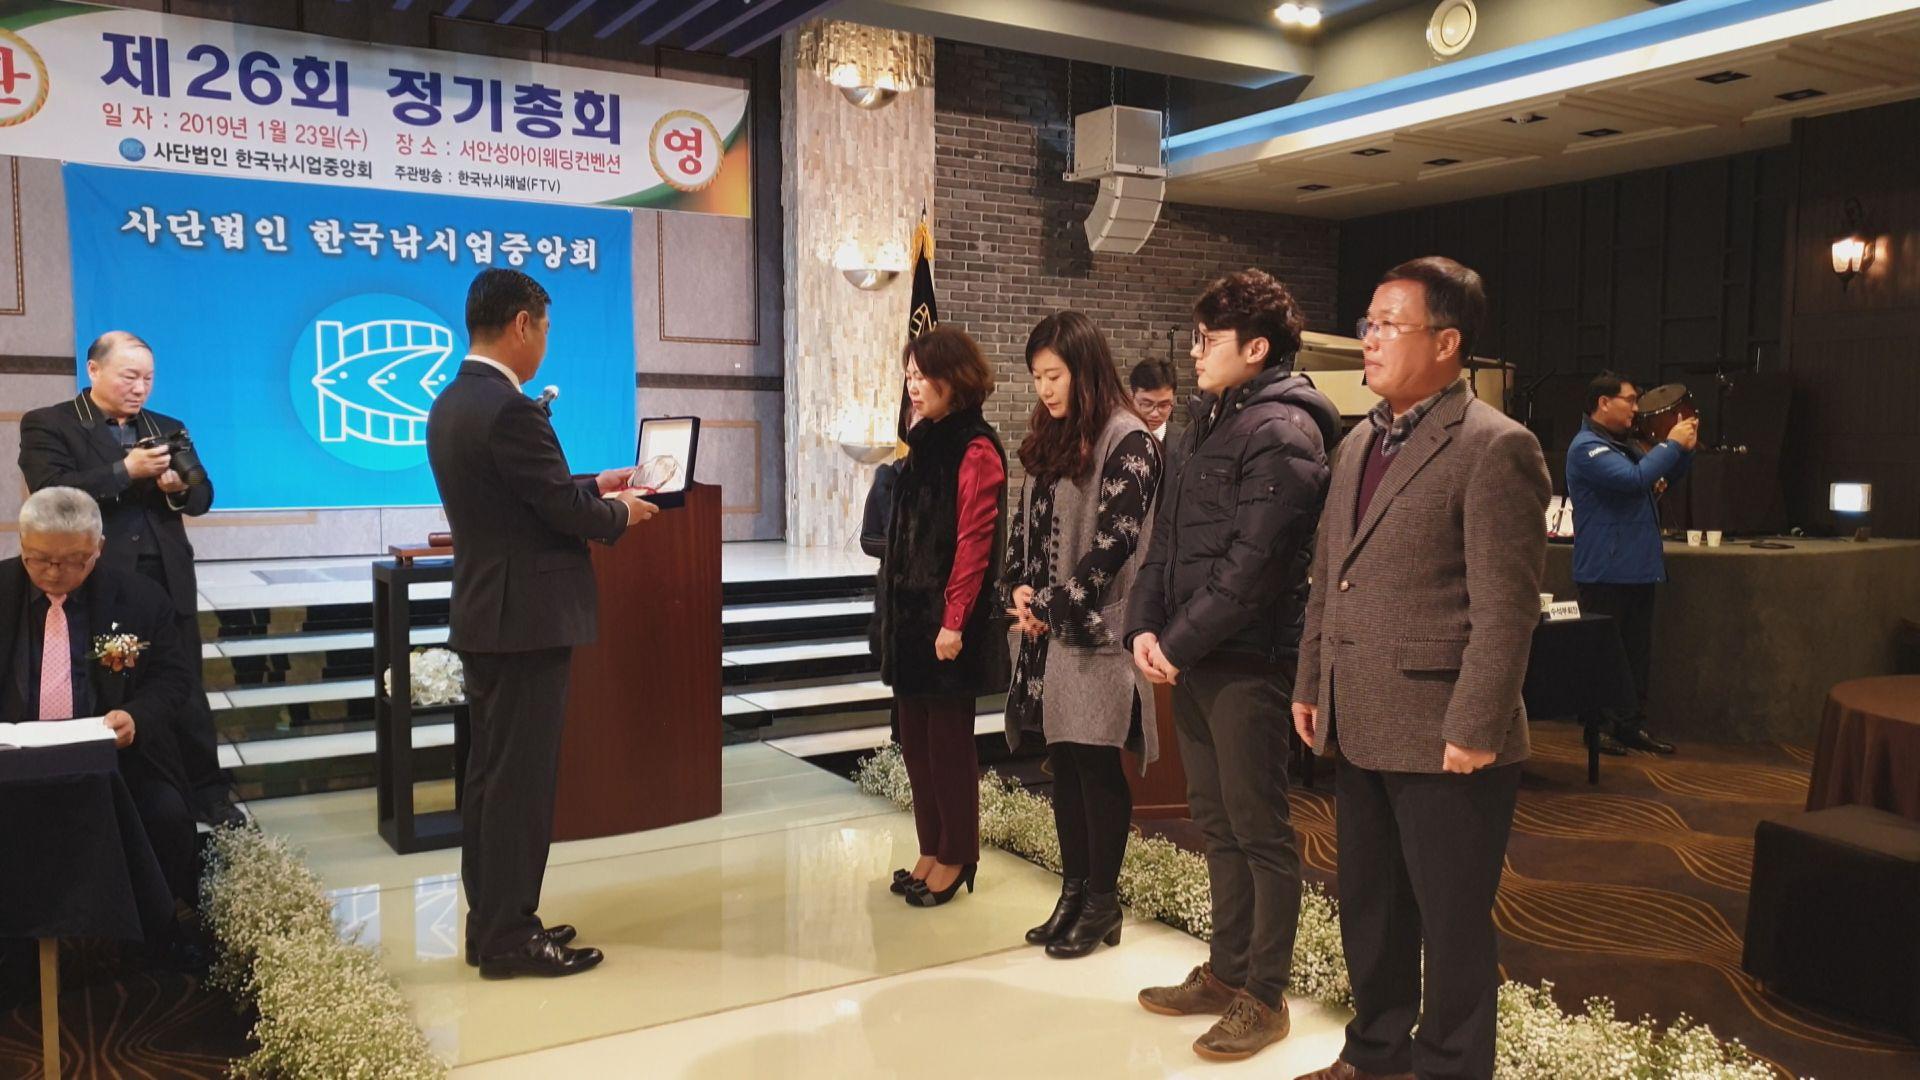 제26회 사단법인 한국낚시업중앙회 2019년도 정기총회 성료